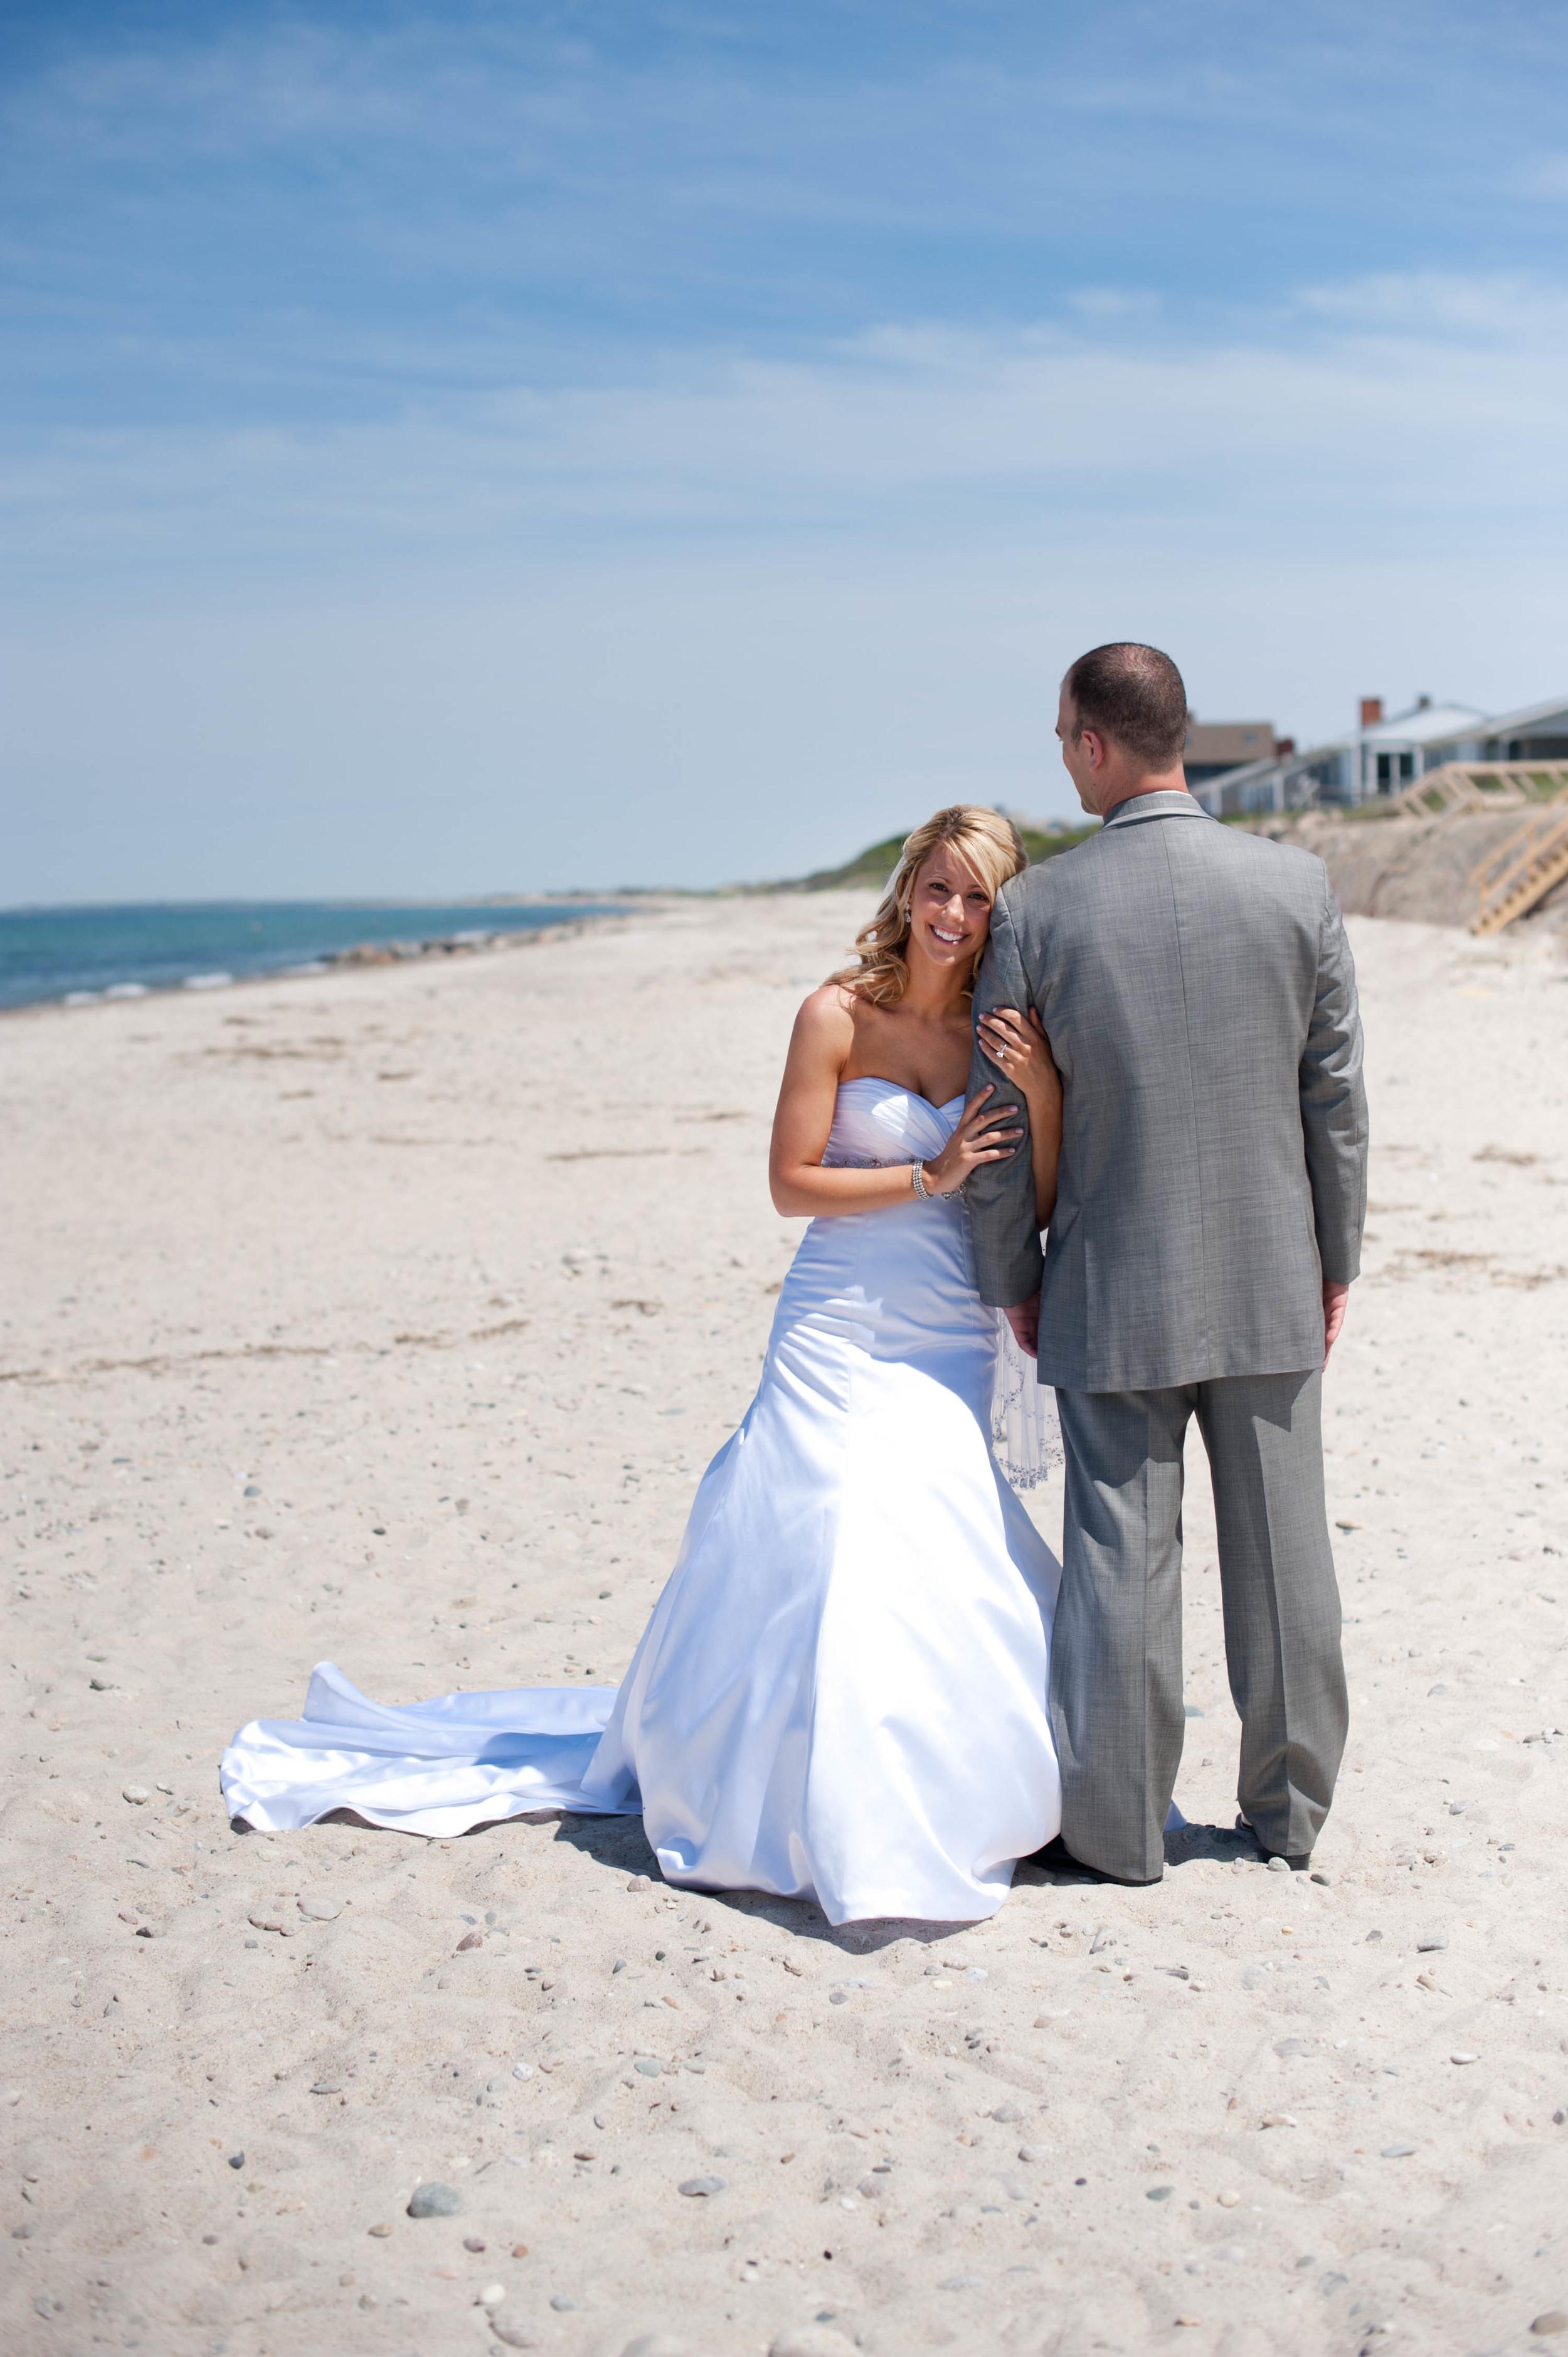 Ridge_Club_Cape_Cod_Wedding-18.jpg